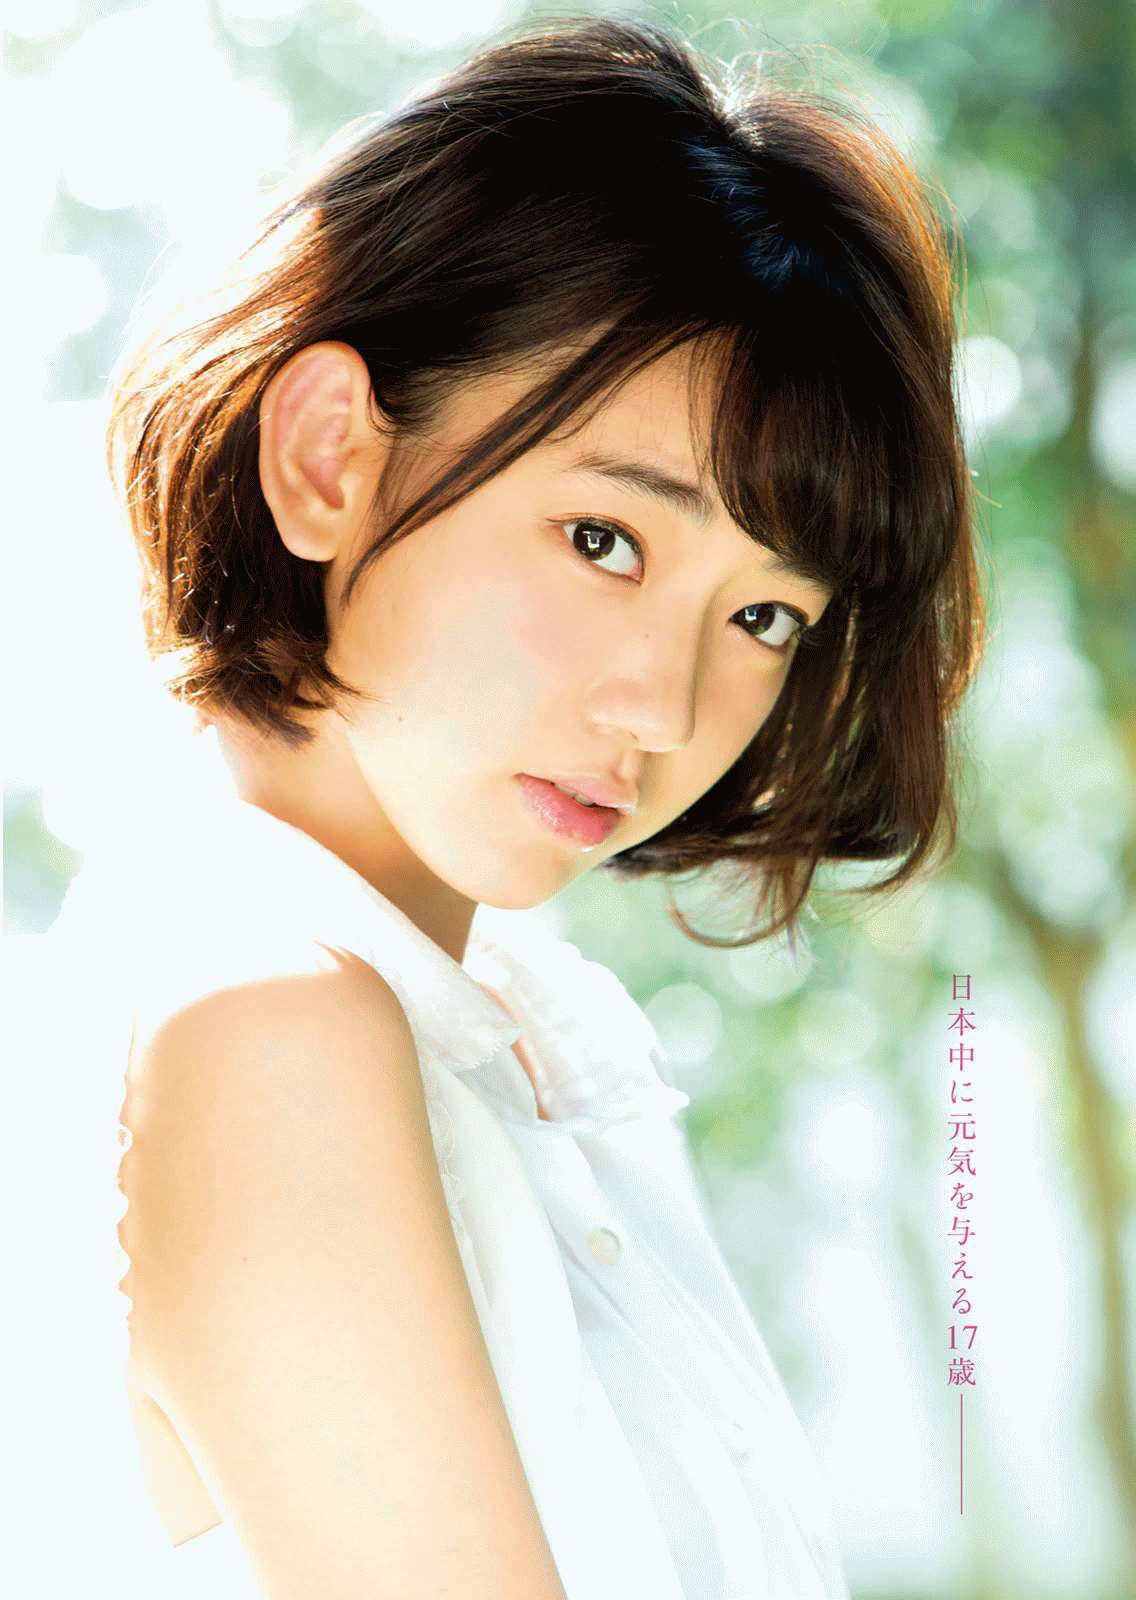 sakura miyawaki on JumPic com